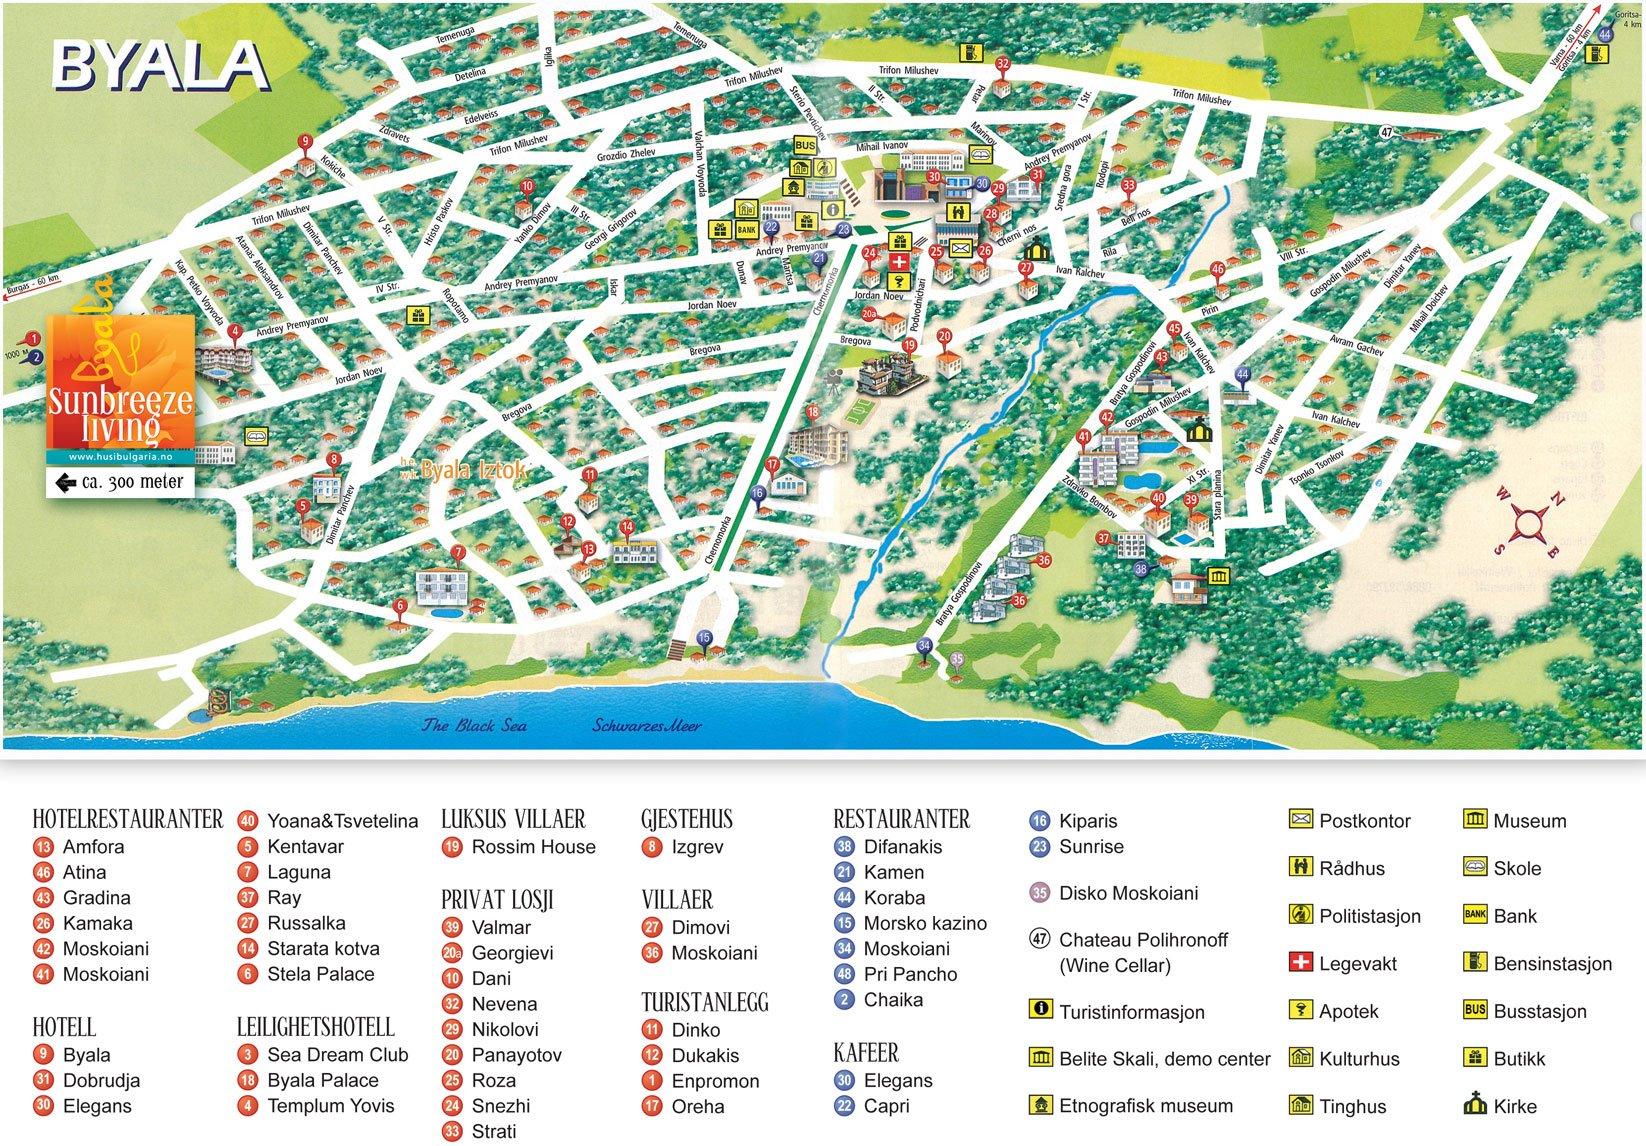 Karty Byaly Bolgariya Podrobnaya Karta Byaly Na Russkom Yazyke S